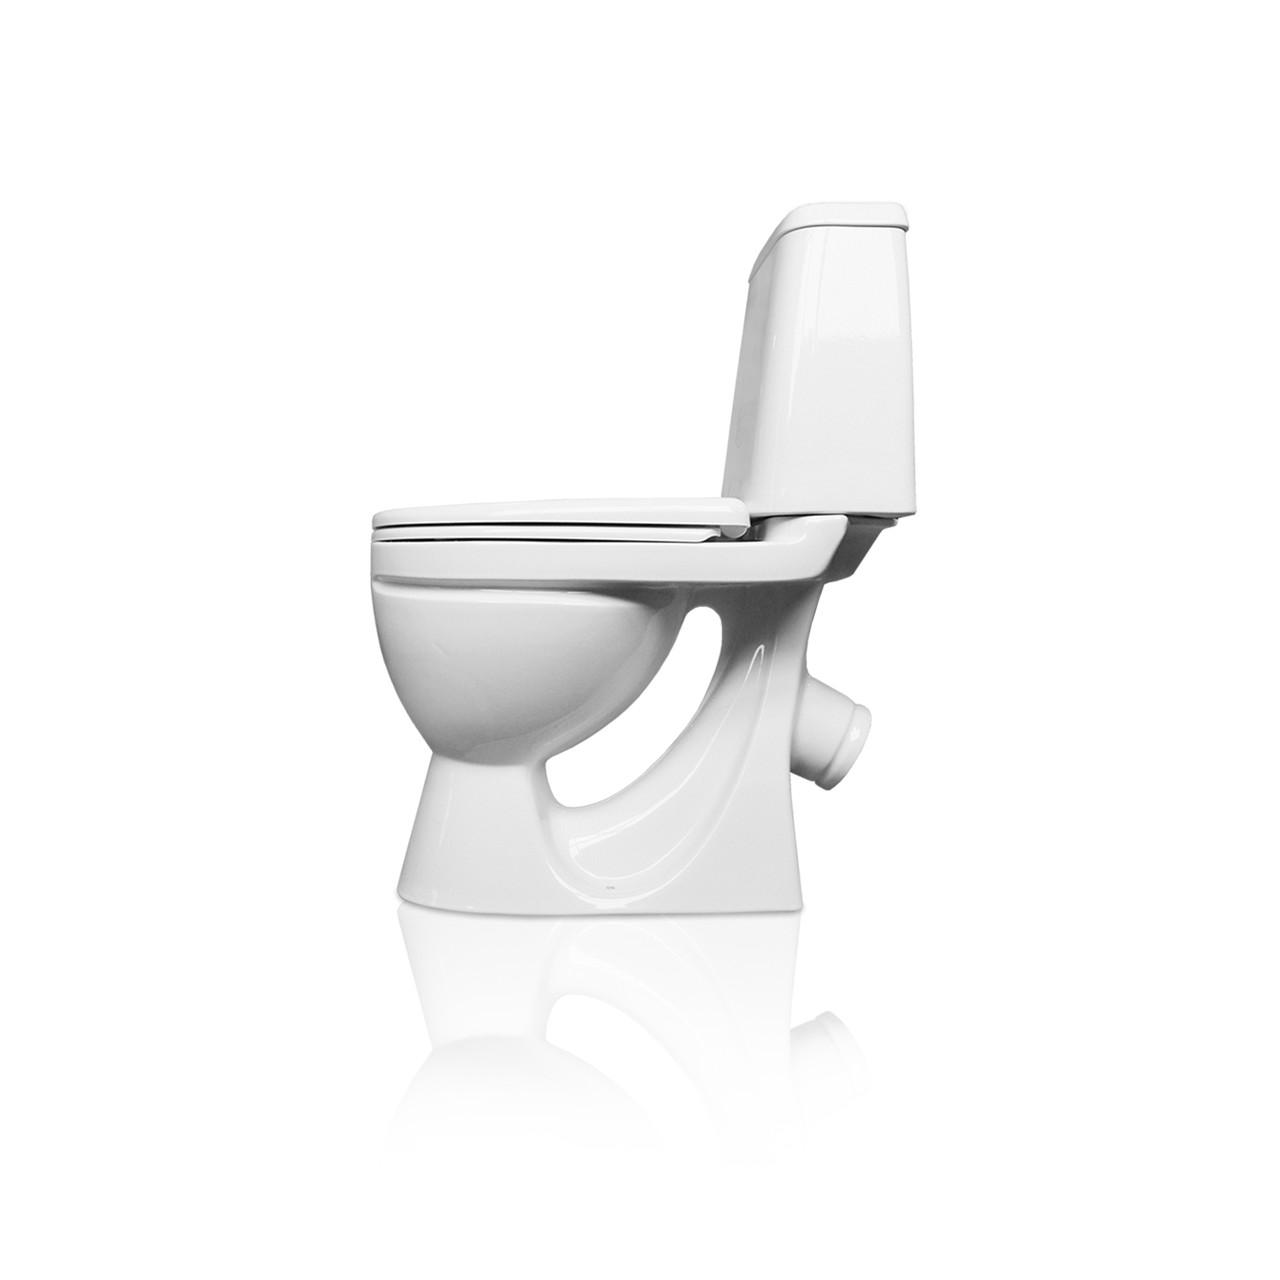 Унитаз sanita идеал